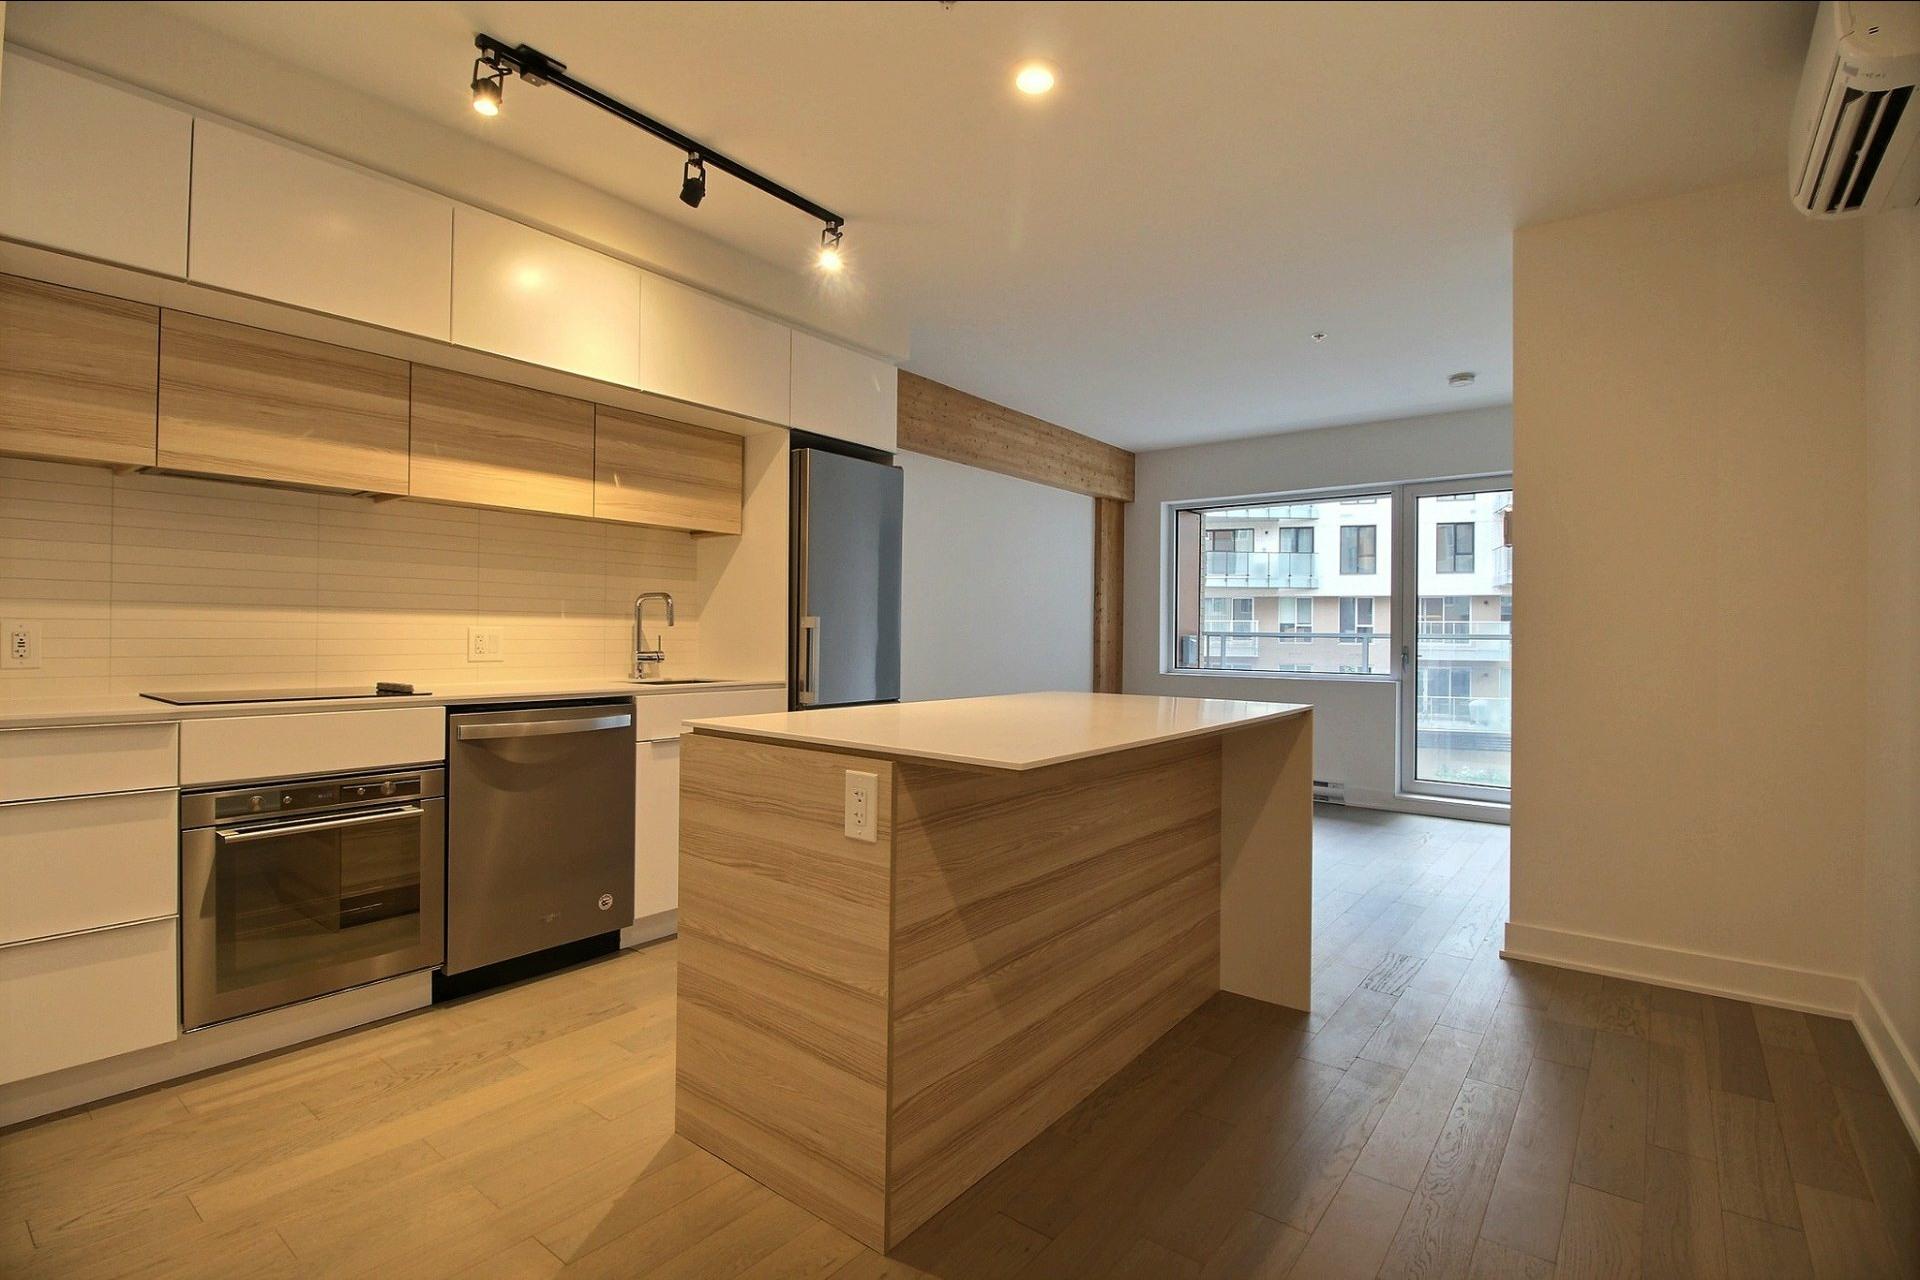 image 0 - Appartement À louer Montréal Le Sud-Ouest  - 4 pièces